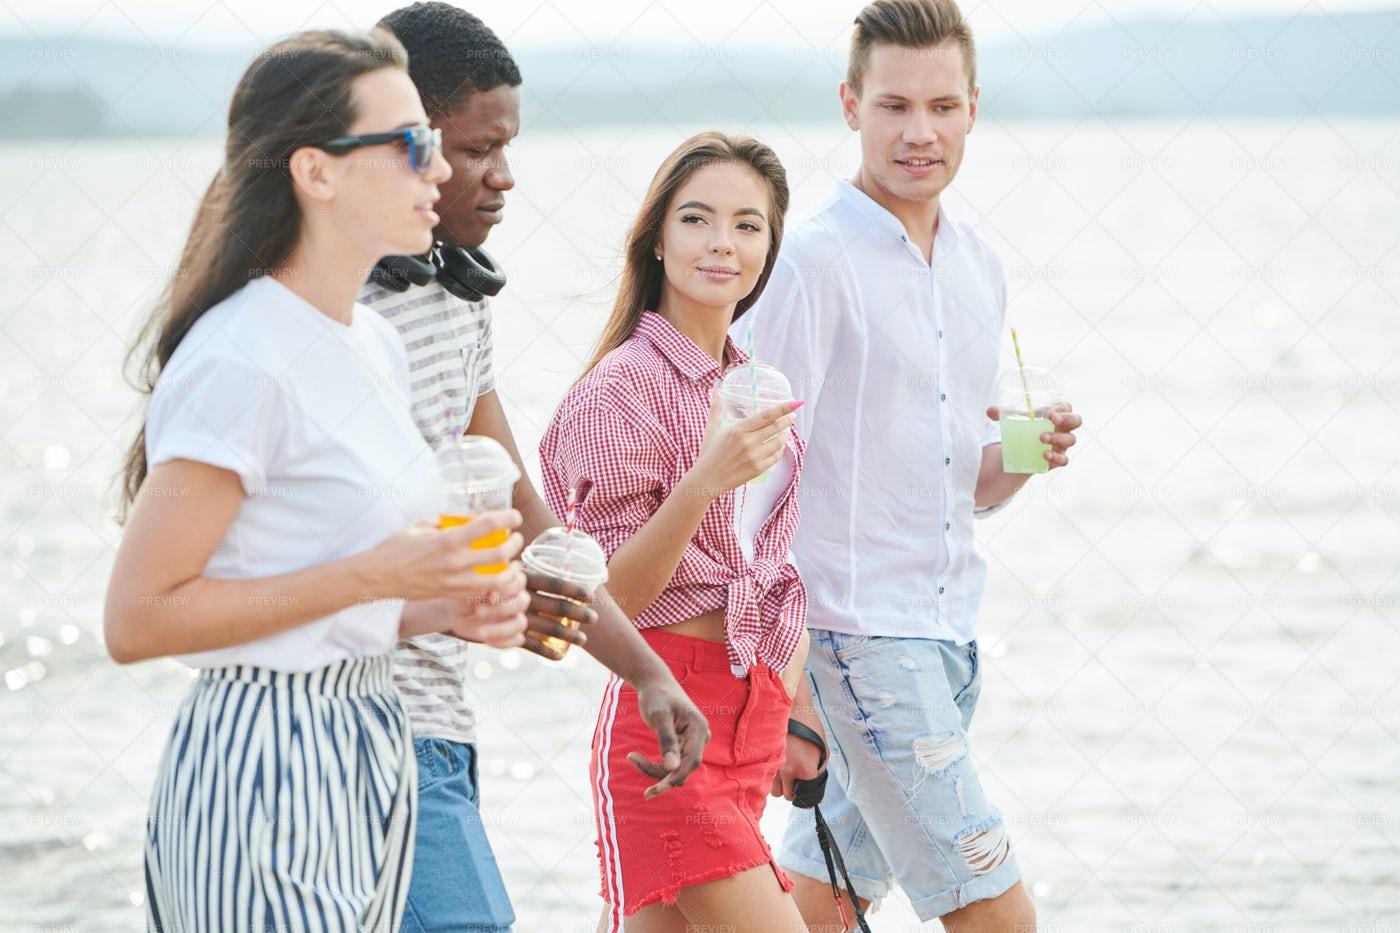 Summer Vacation At Sea: Stock Photos